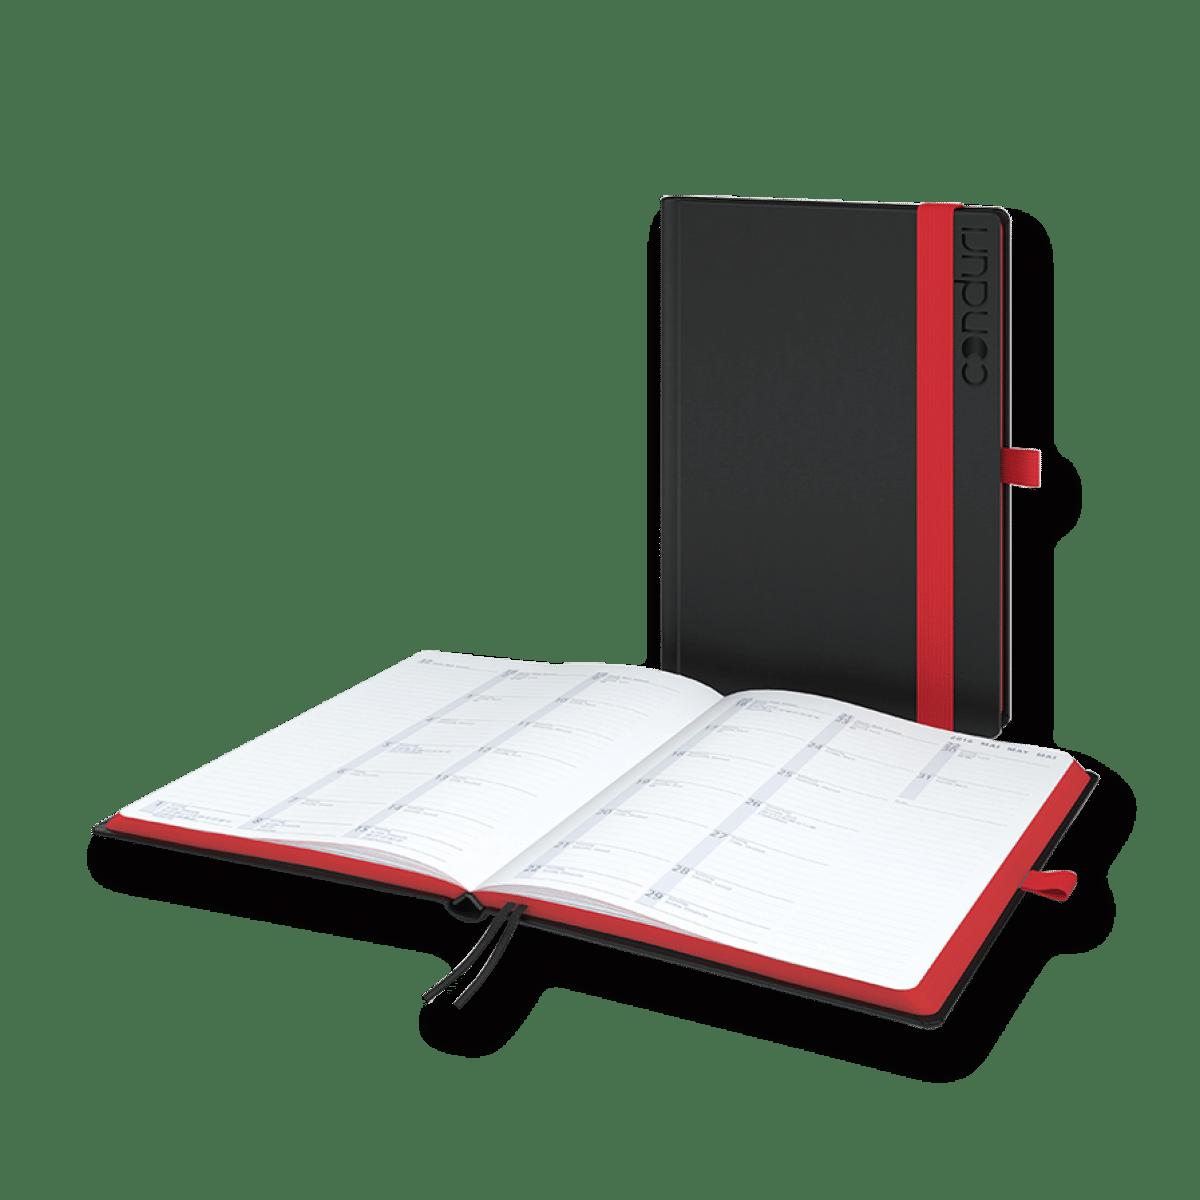 Terminkalender in zwei Farben für 2018